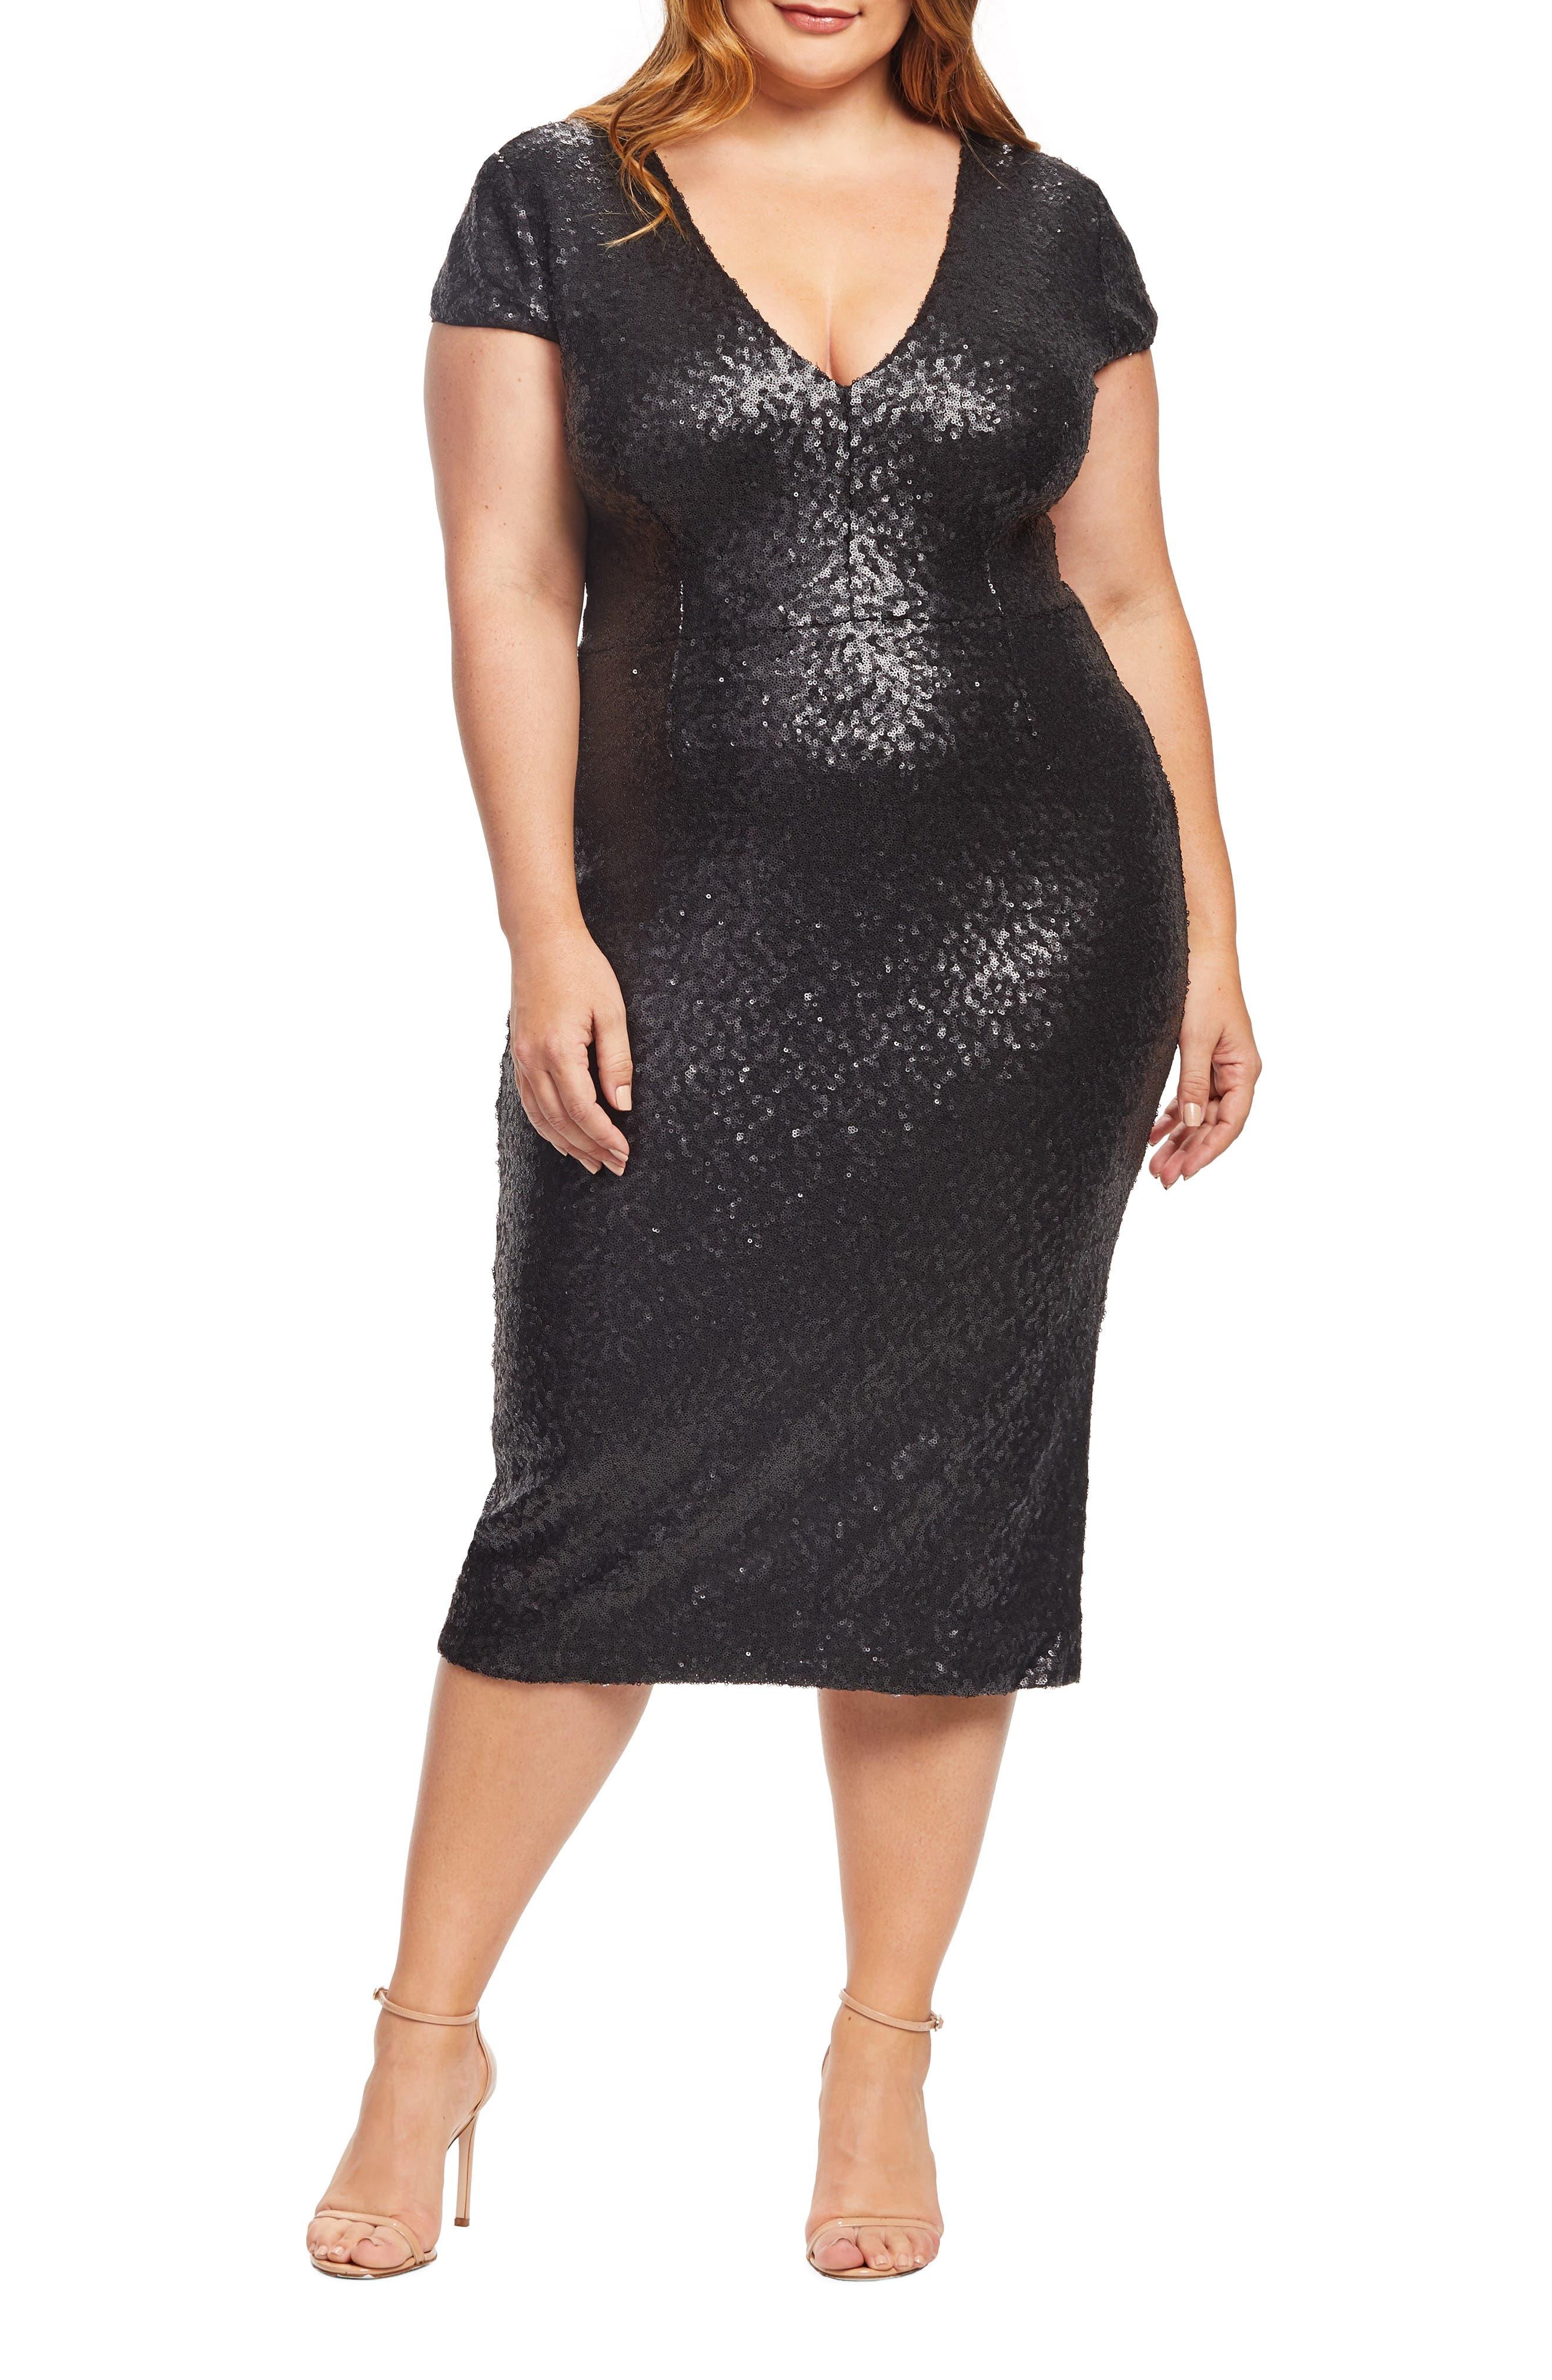 Plus Size Dress The Population Allison Sequin Sheath Dress